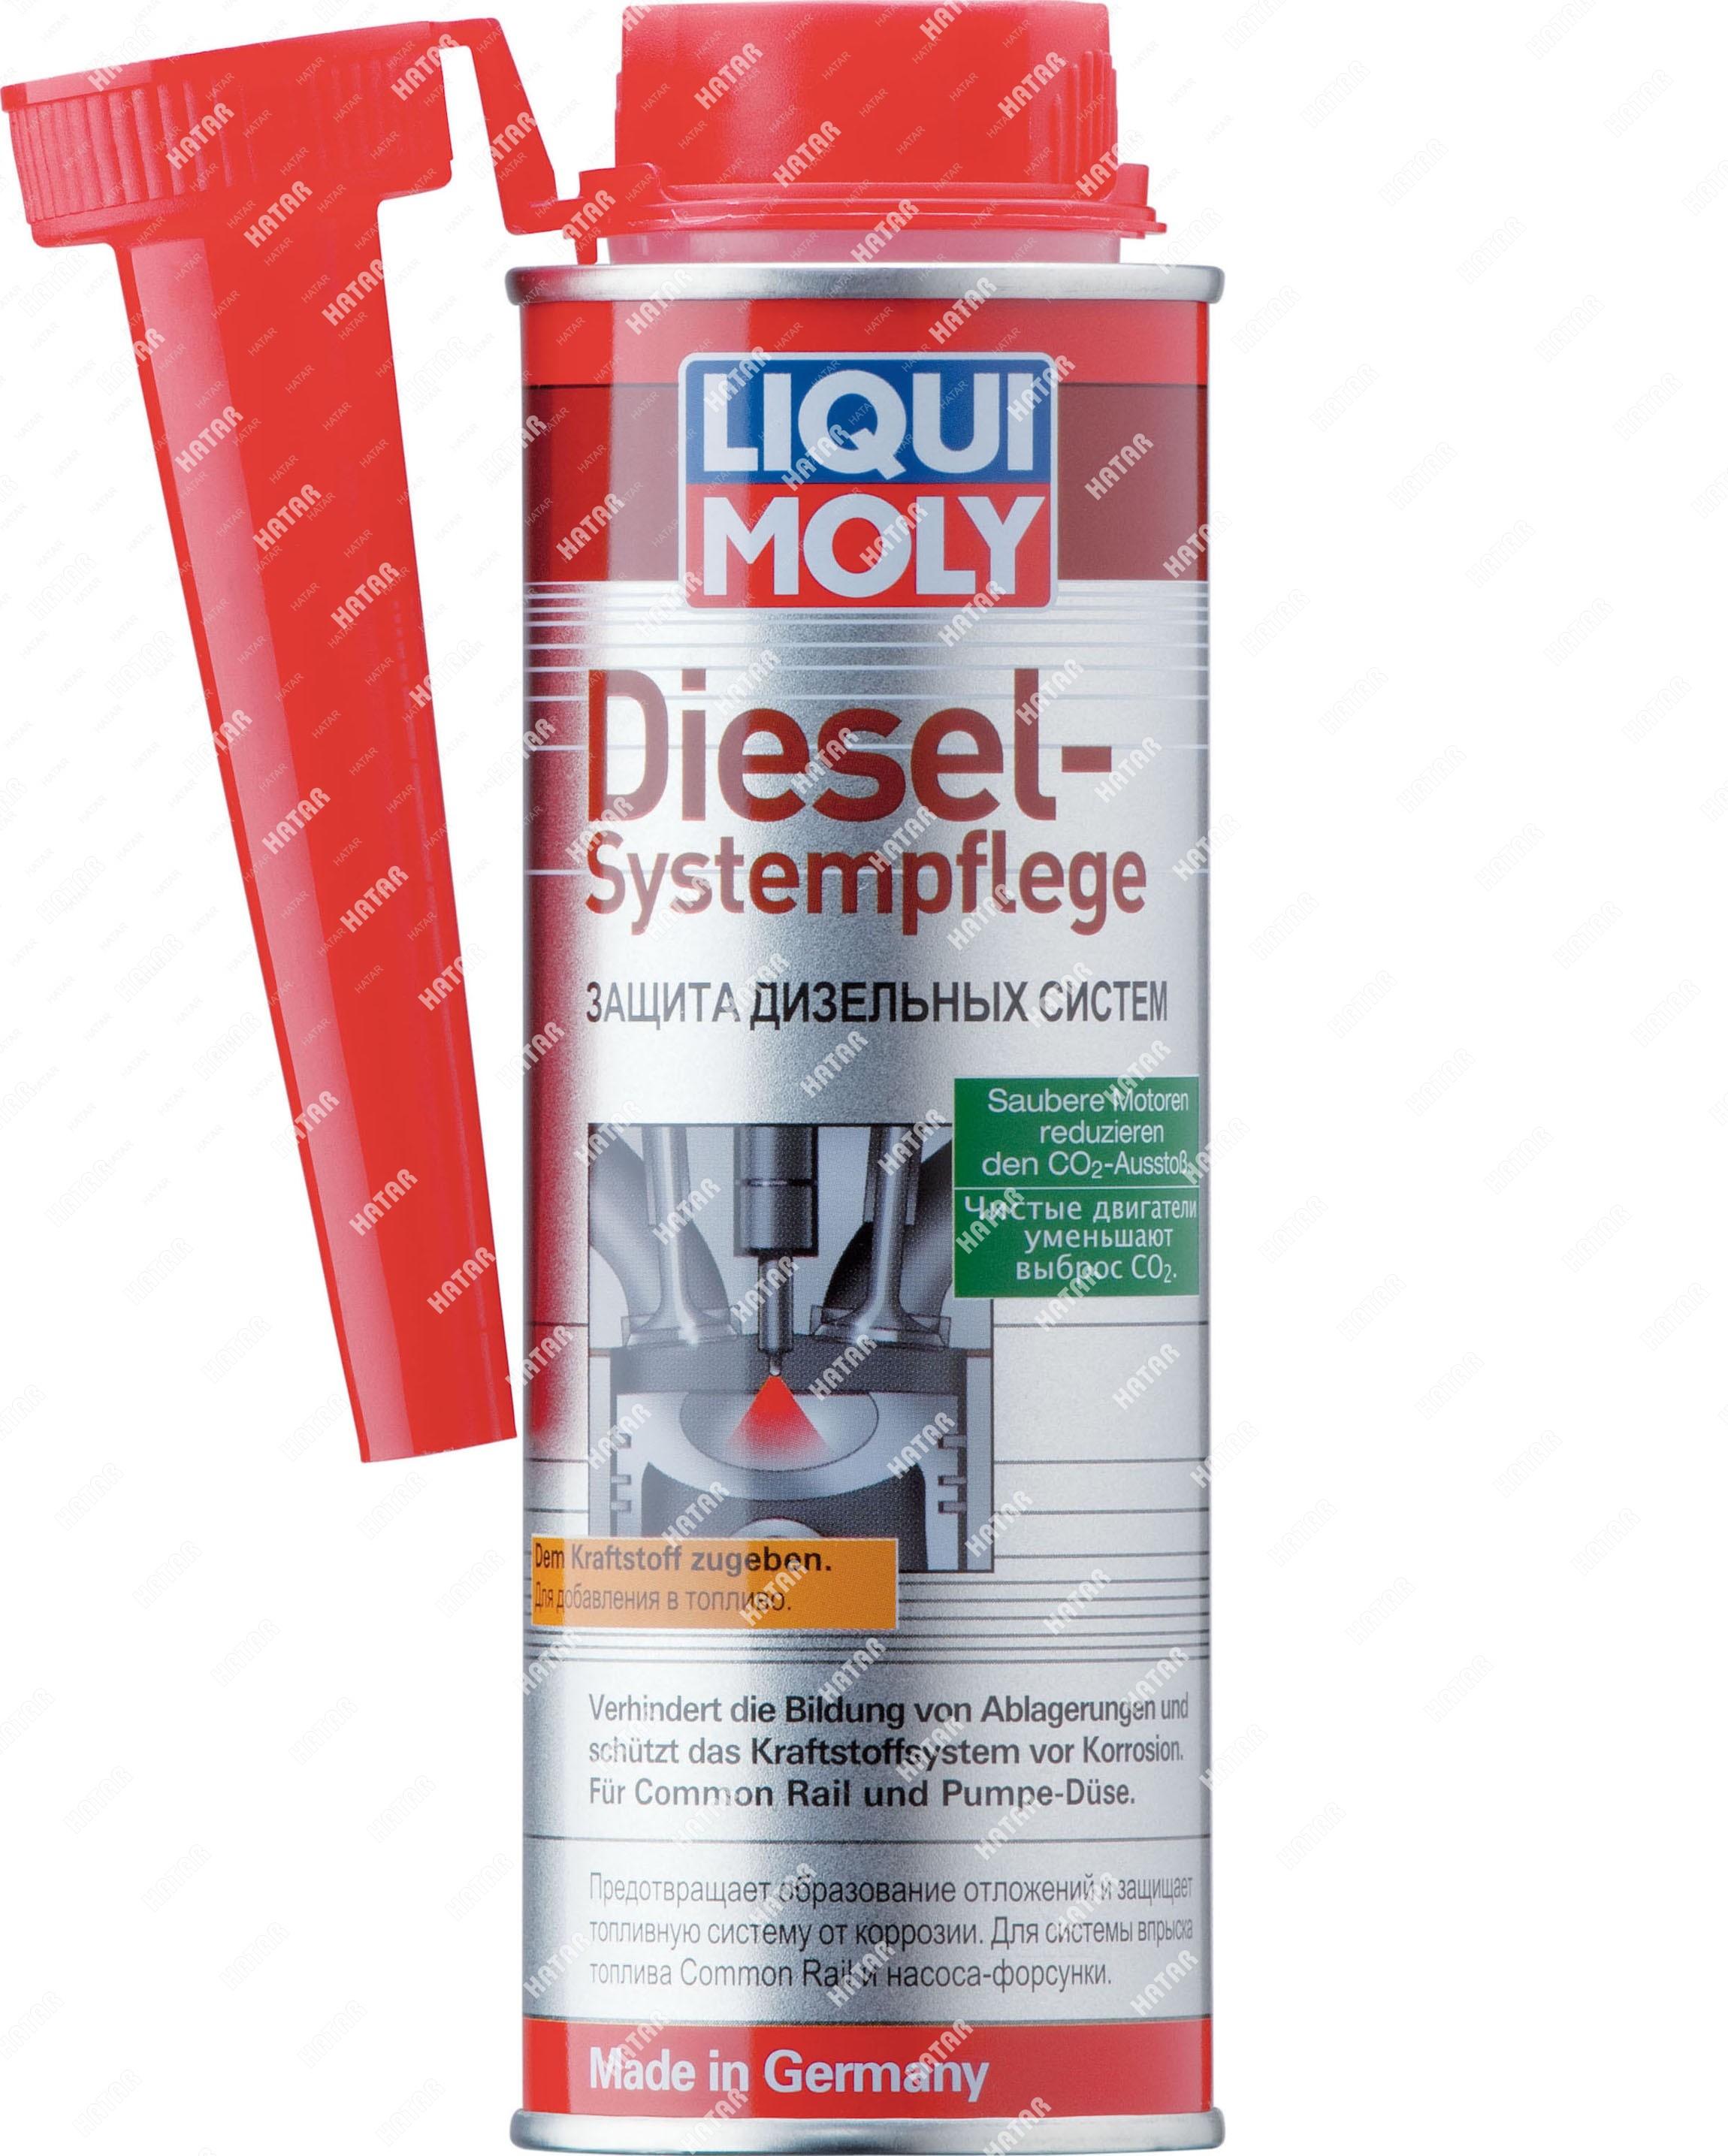 LIQUI MOLY Защита дизельных систем diesel systempflege (0,25л)